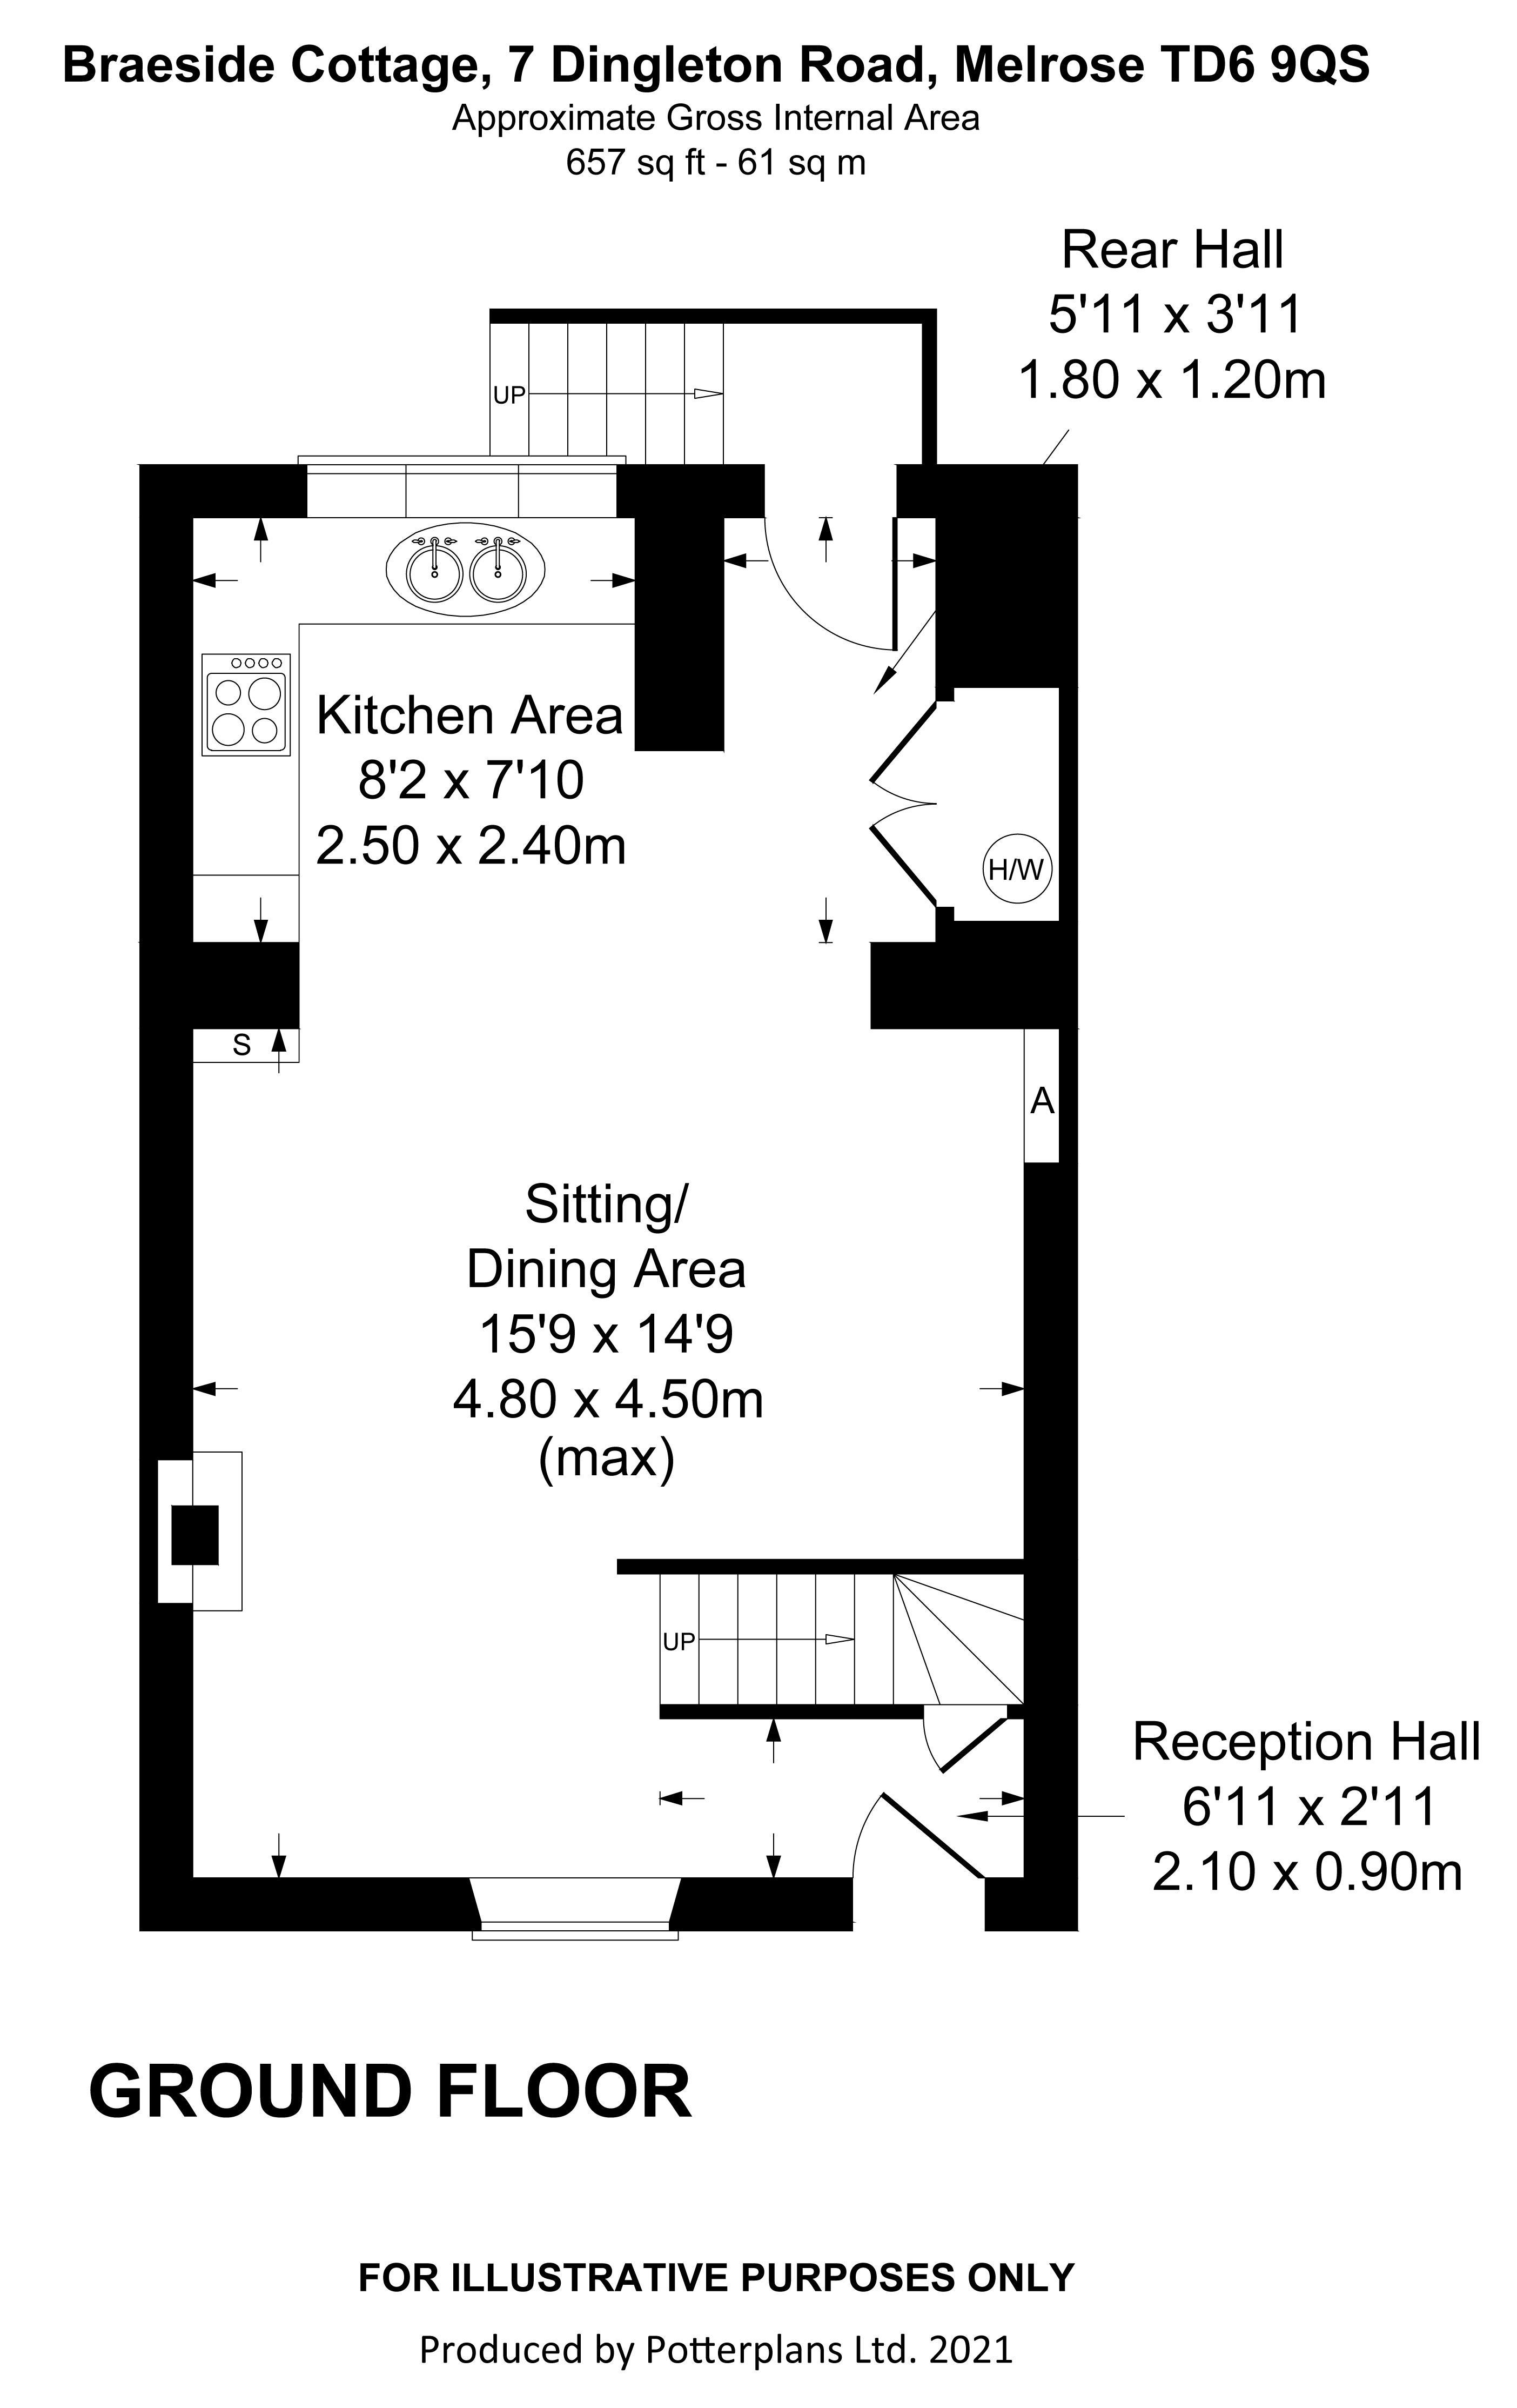 Braeside Cottage Ground Floor